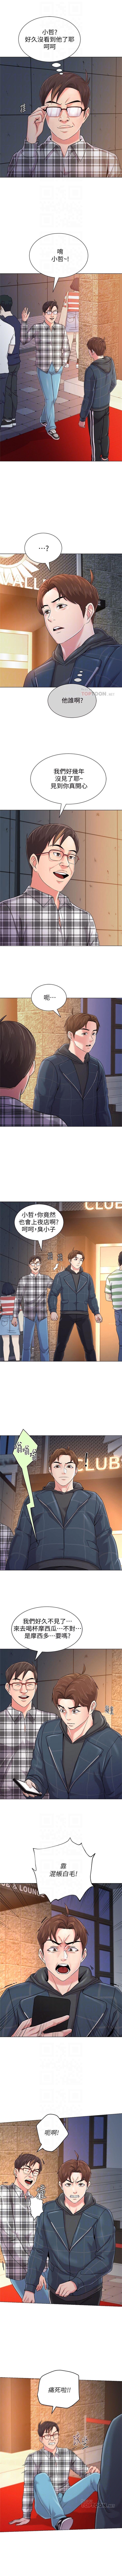 老師 1-80 官方中文(連載中) 342